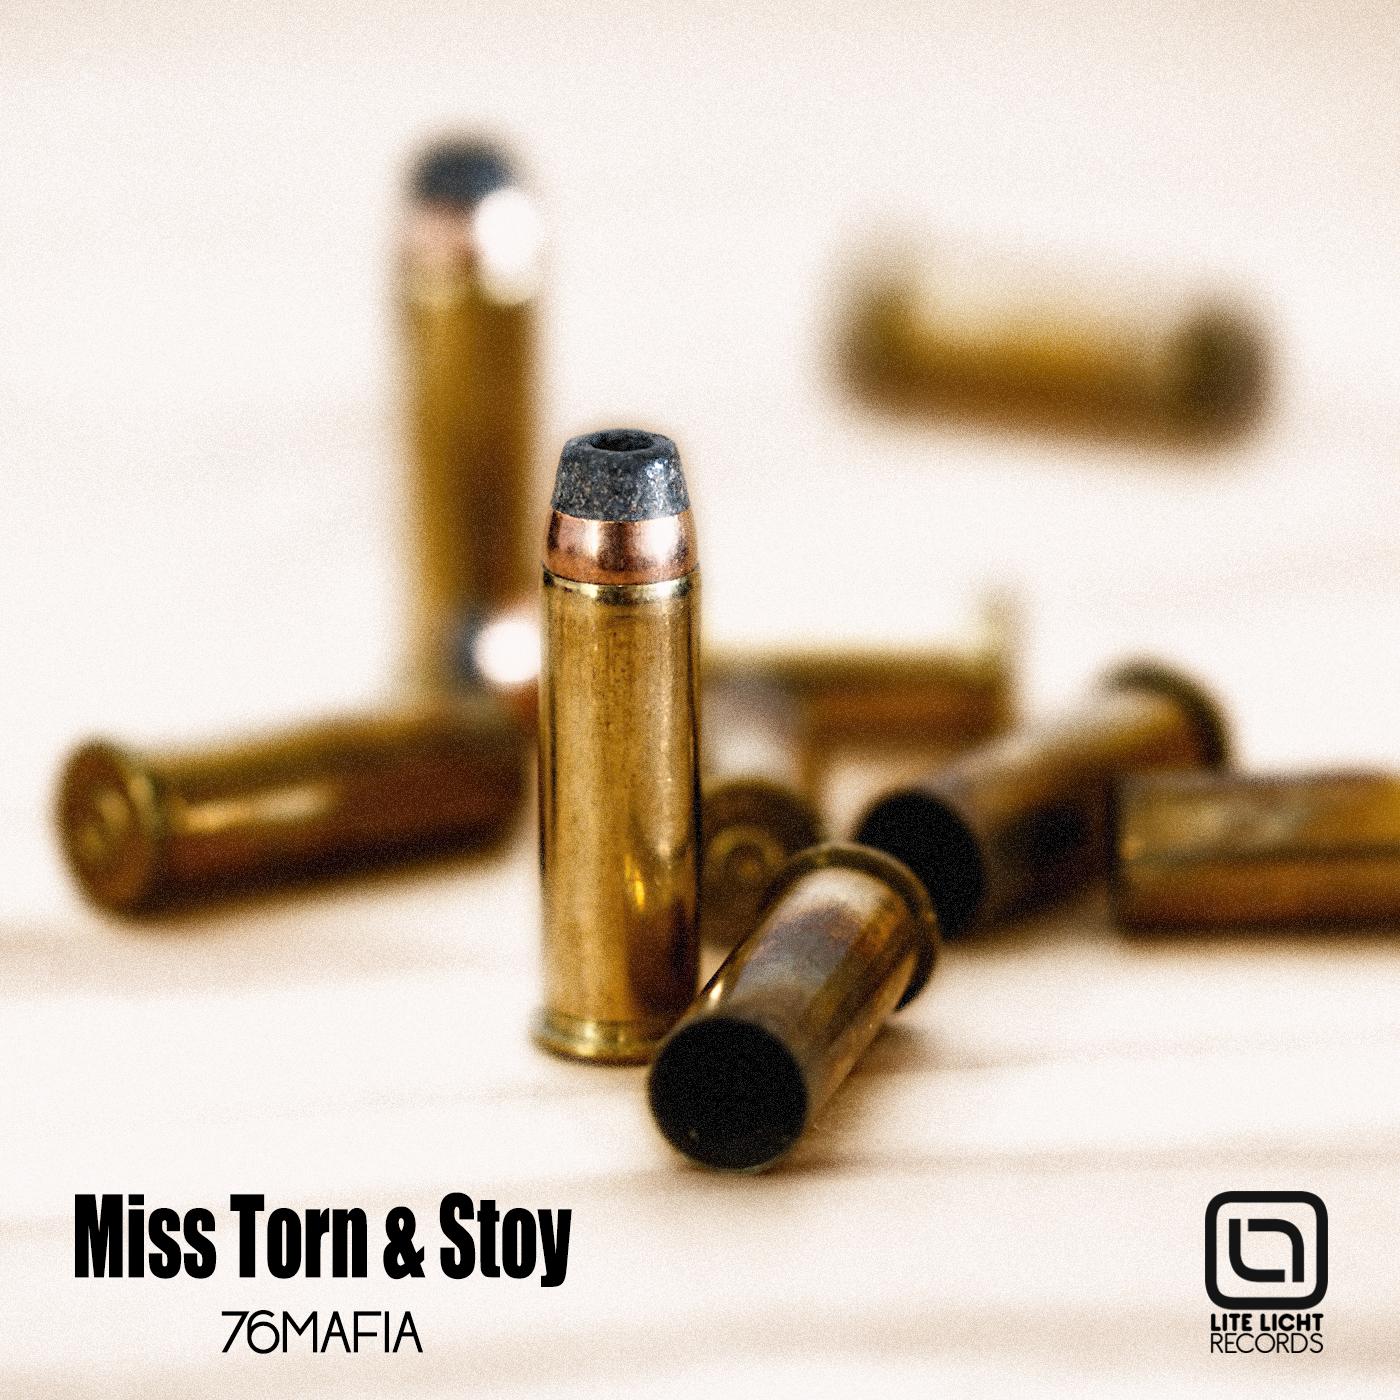 Miss Torn